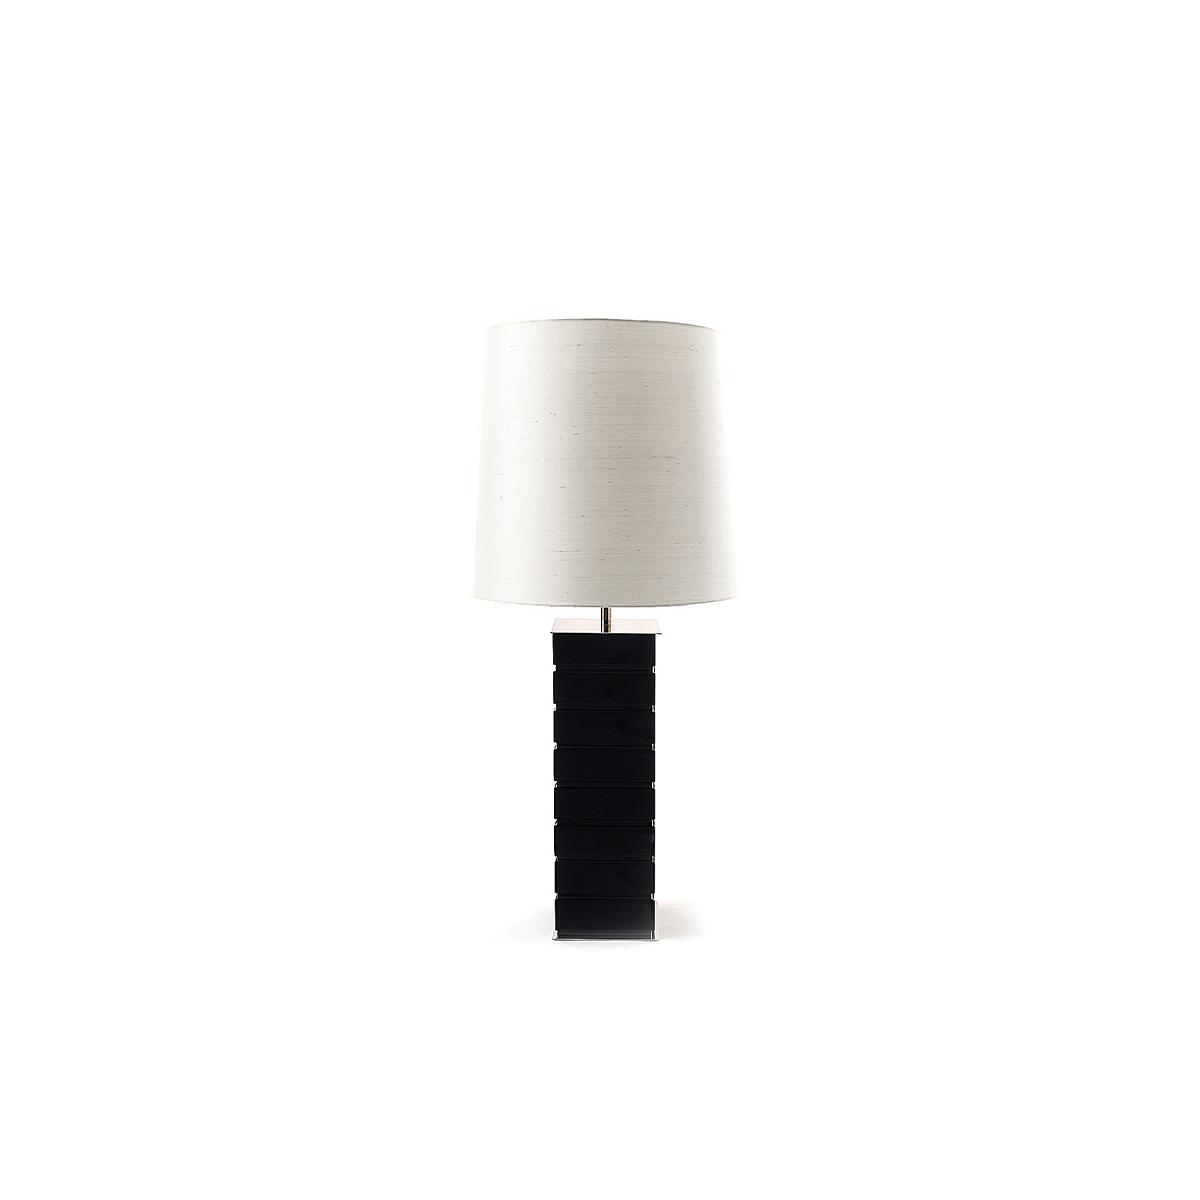 Lámparas de mesa: Piezas exclusivas para un proyecto lujuoso lámparas de mesa Lámparas de mesa: Piezas exclusivas para un proyecto lujuoso bombom table lamp